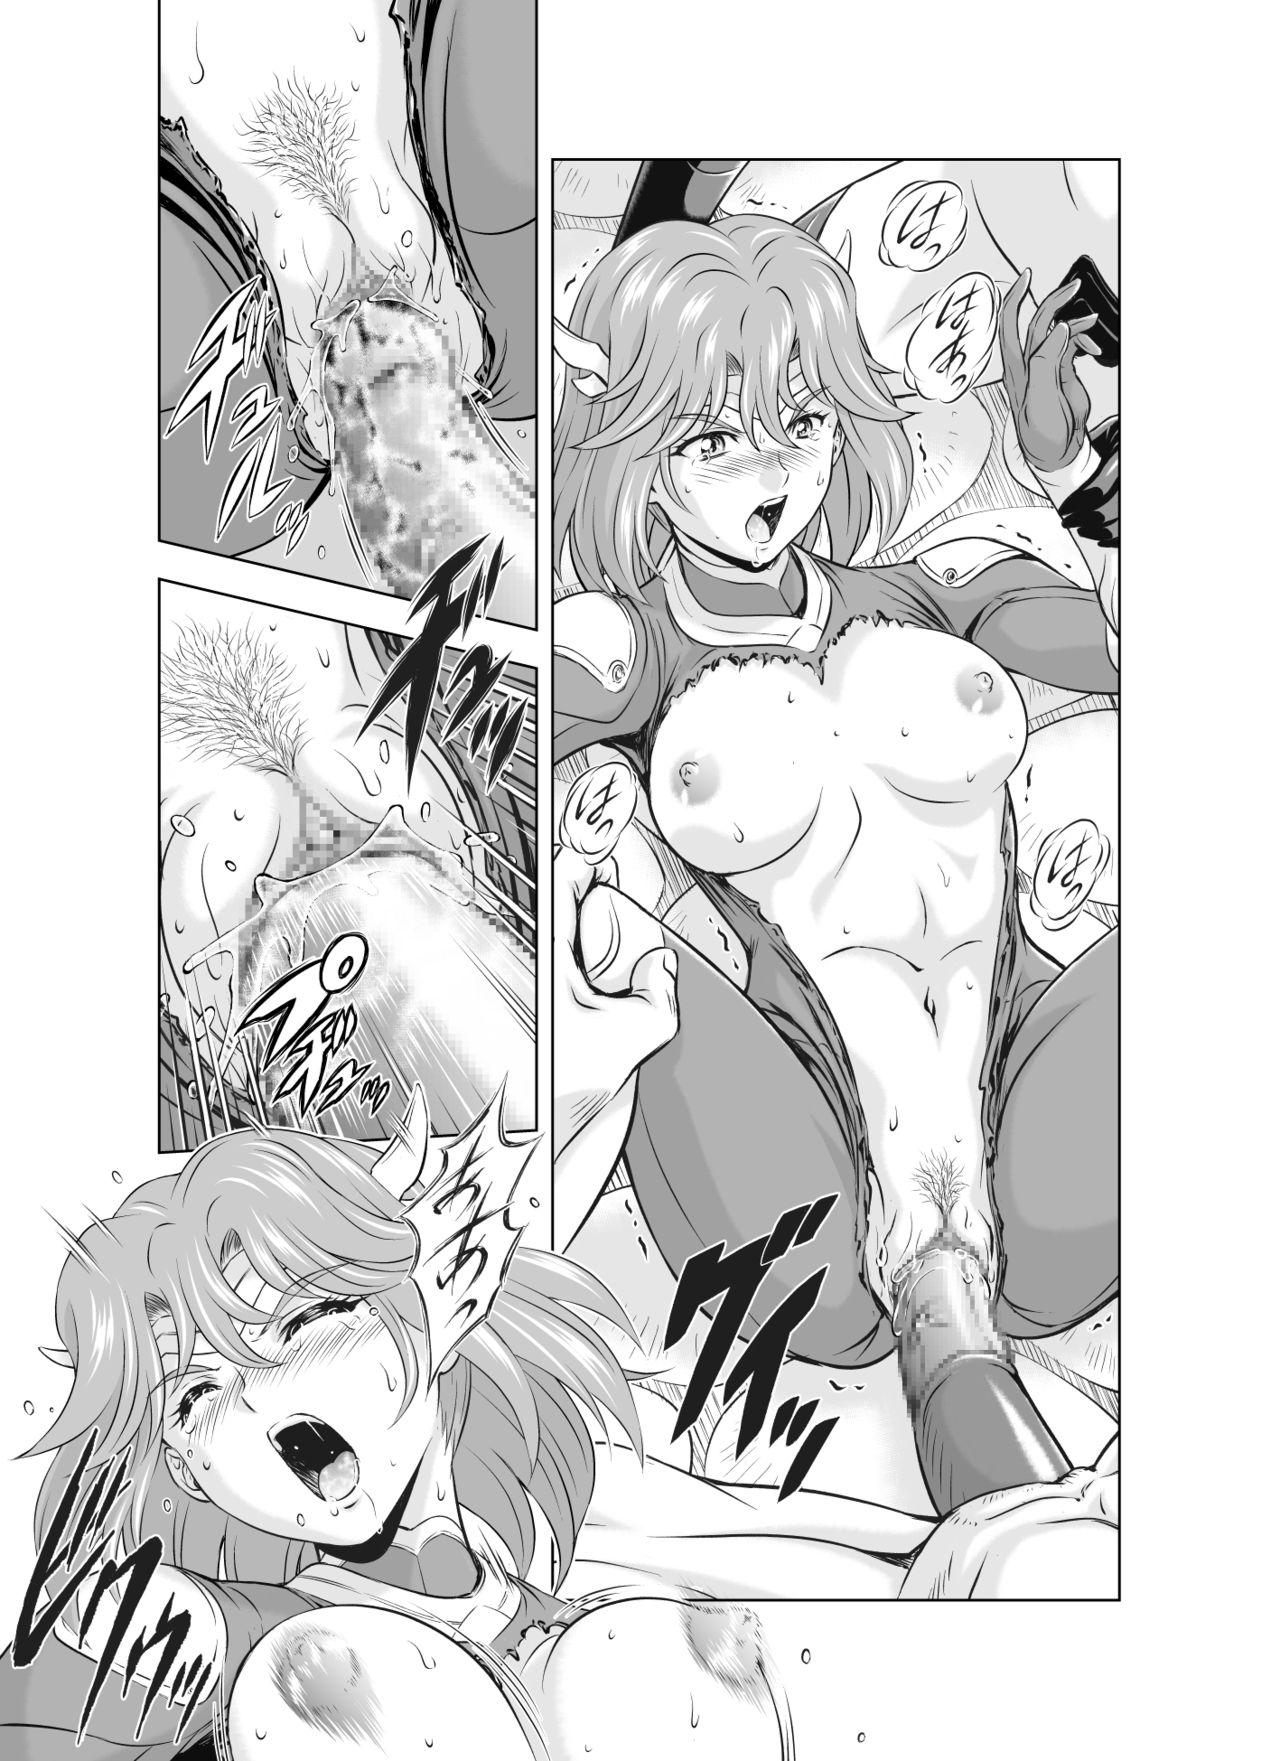 Reties no Michibiki Vol. 5 14